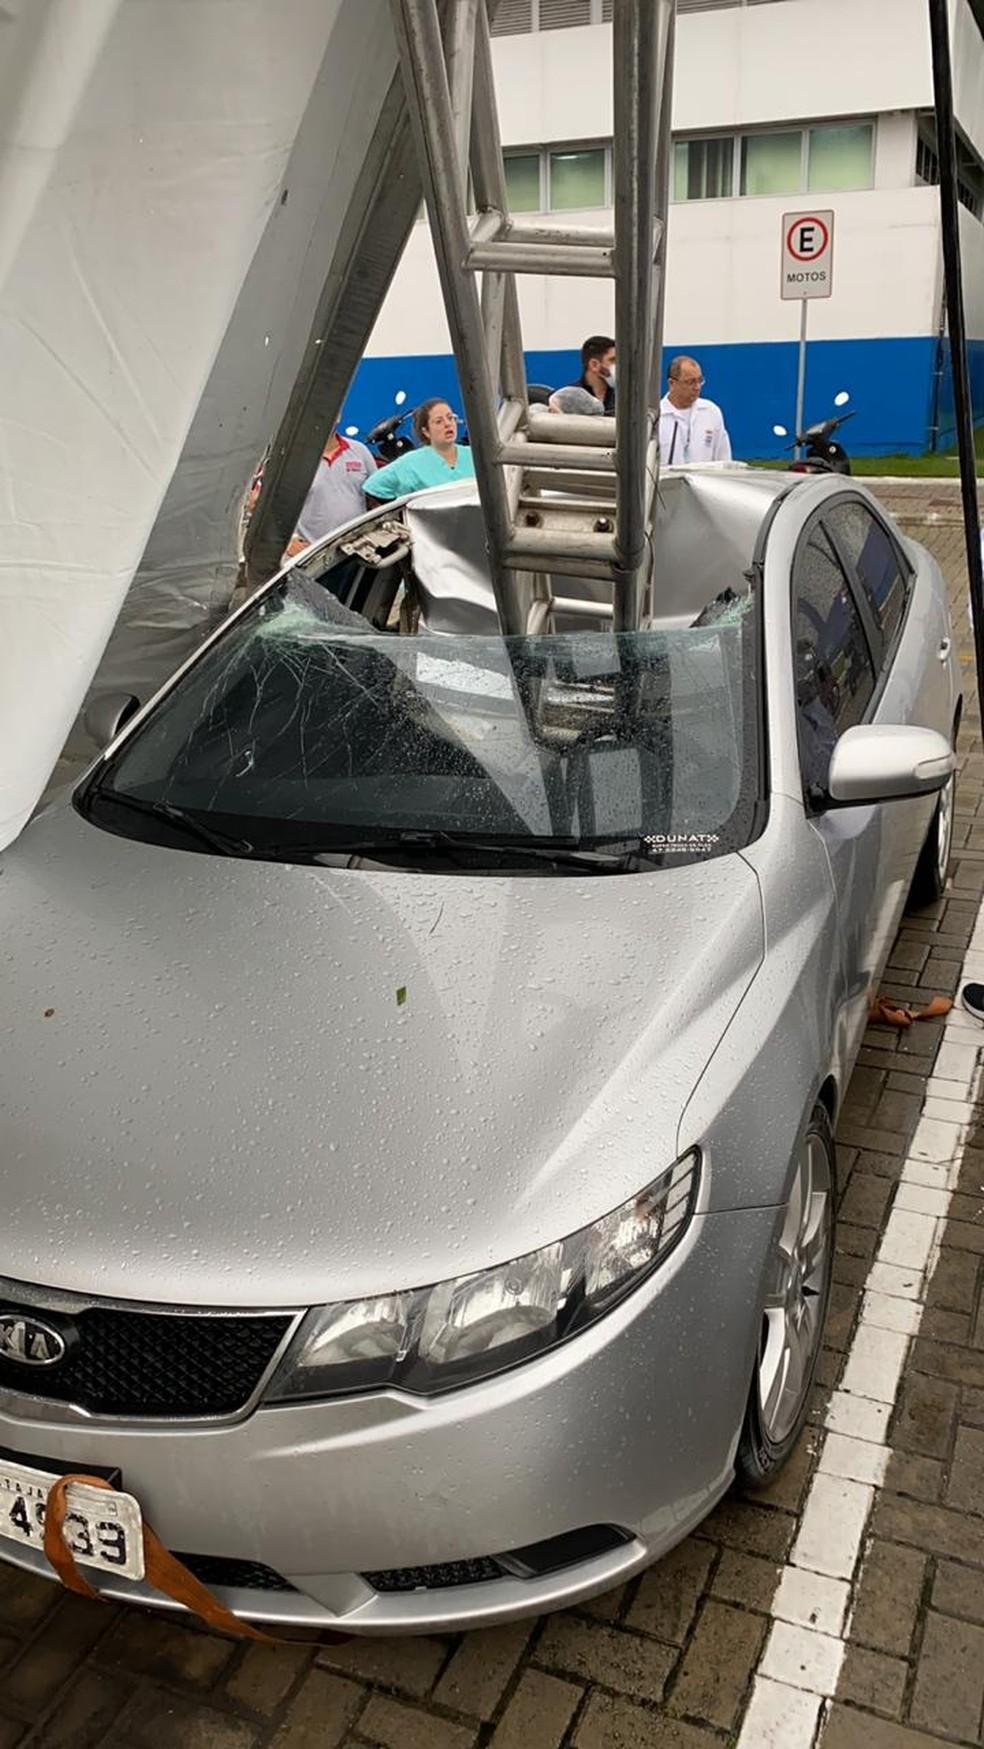 Queda de estrutura durante temporal atingiu carro em Itajaí — Foto: Paulo Tomio/ Arquivo pessoal